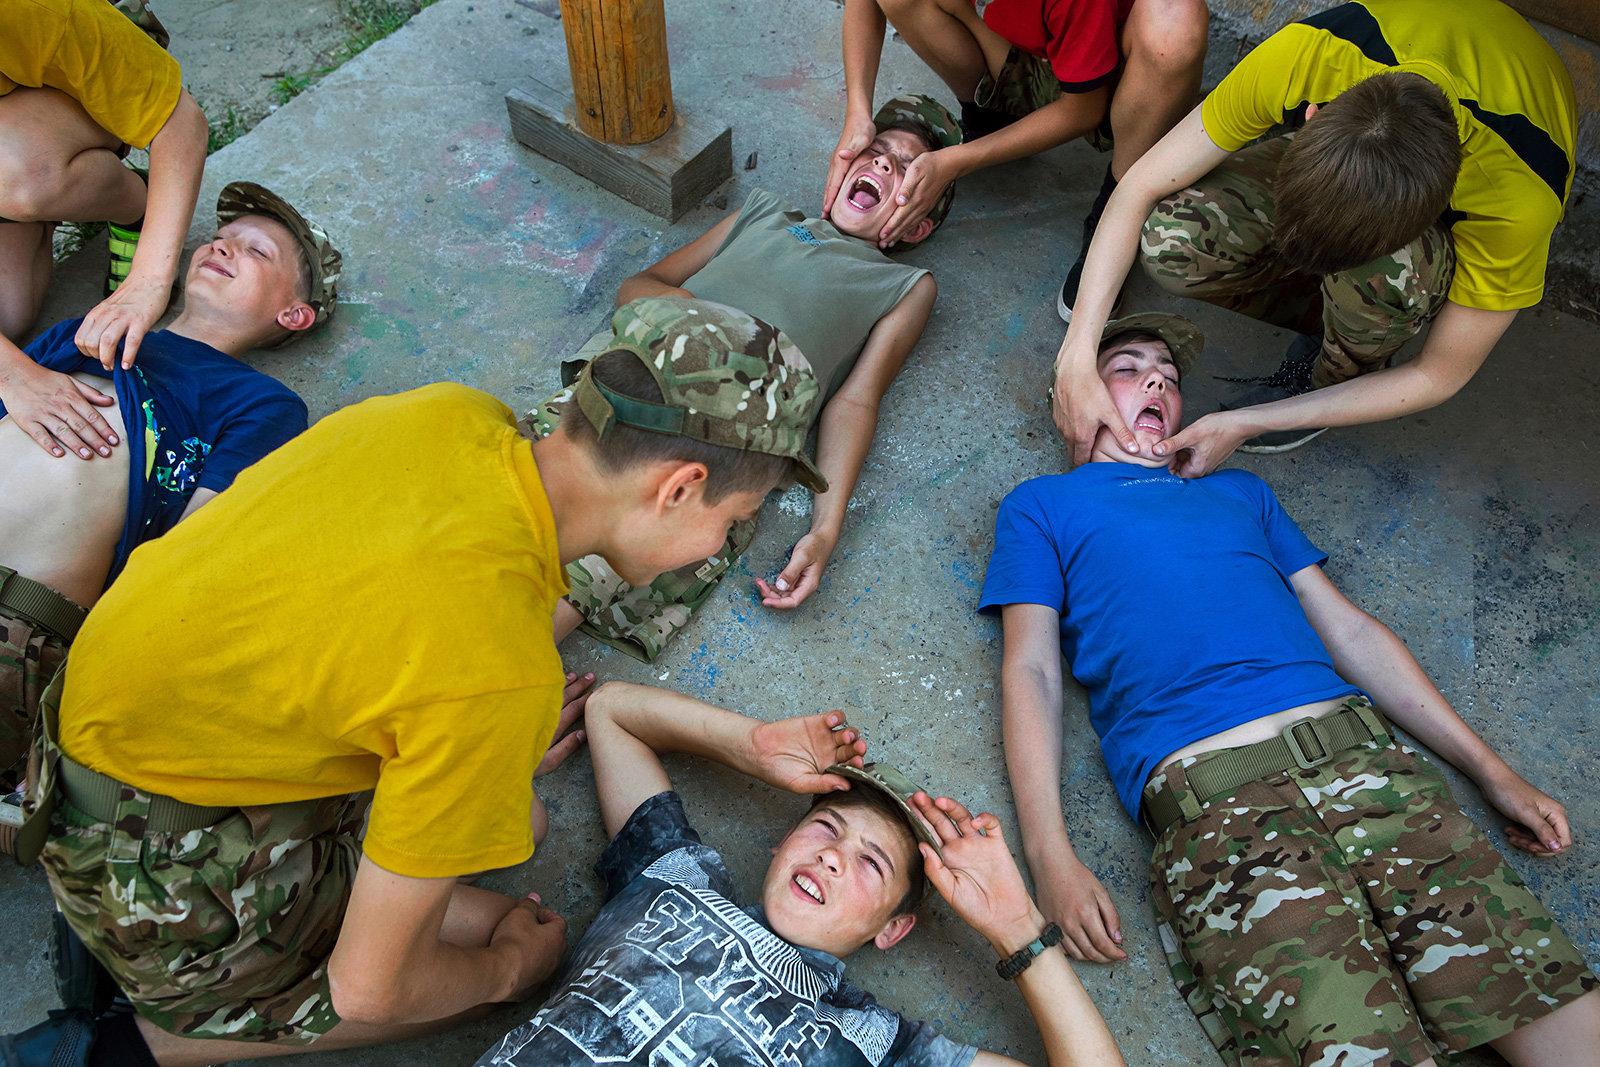 Kinder in Militärkleidung liegen auf einem Betonboden